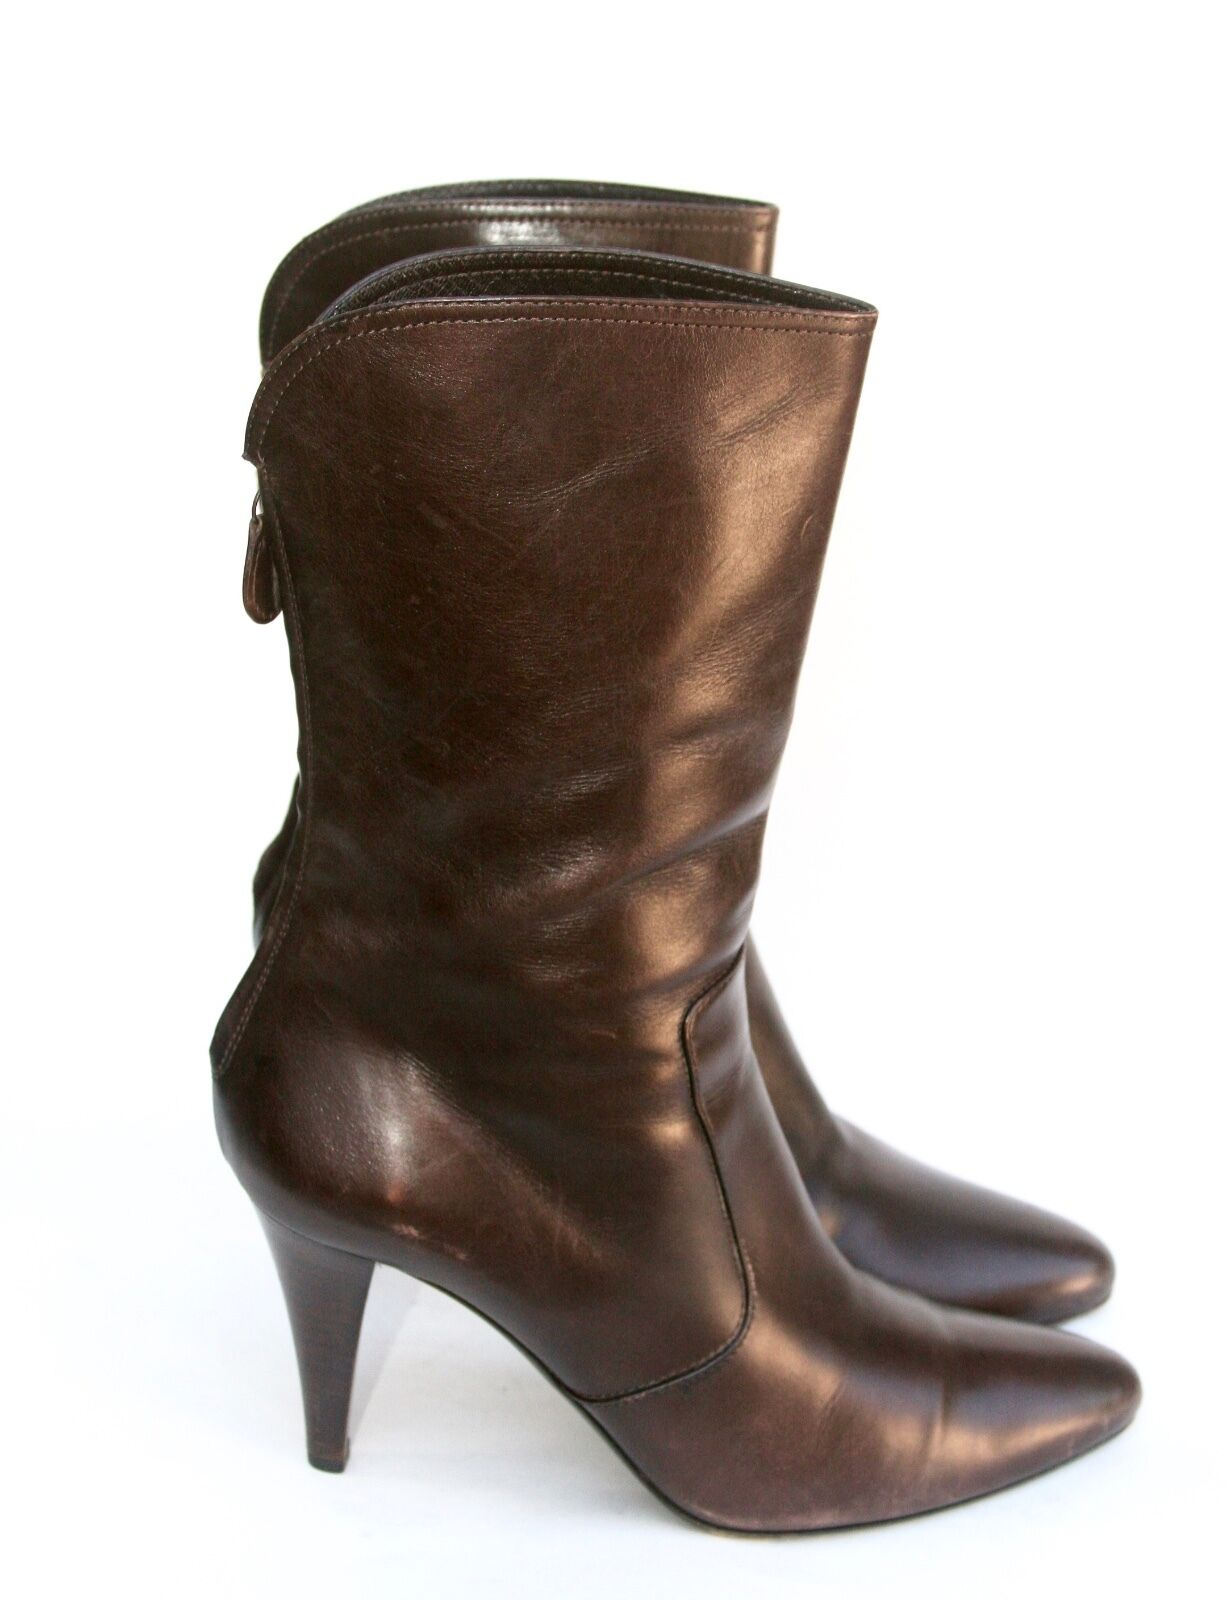 Cole Haan Women's Brown Leather Zip Up Mid Calf Ankle Boot Heel SZ 8B